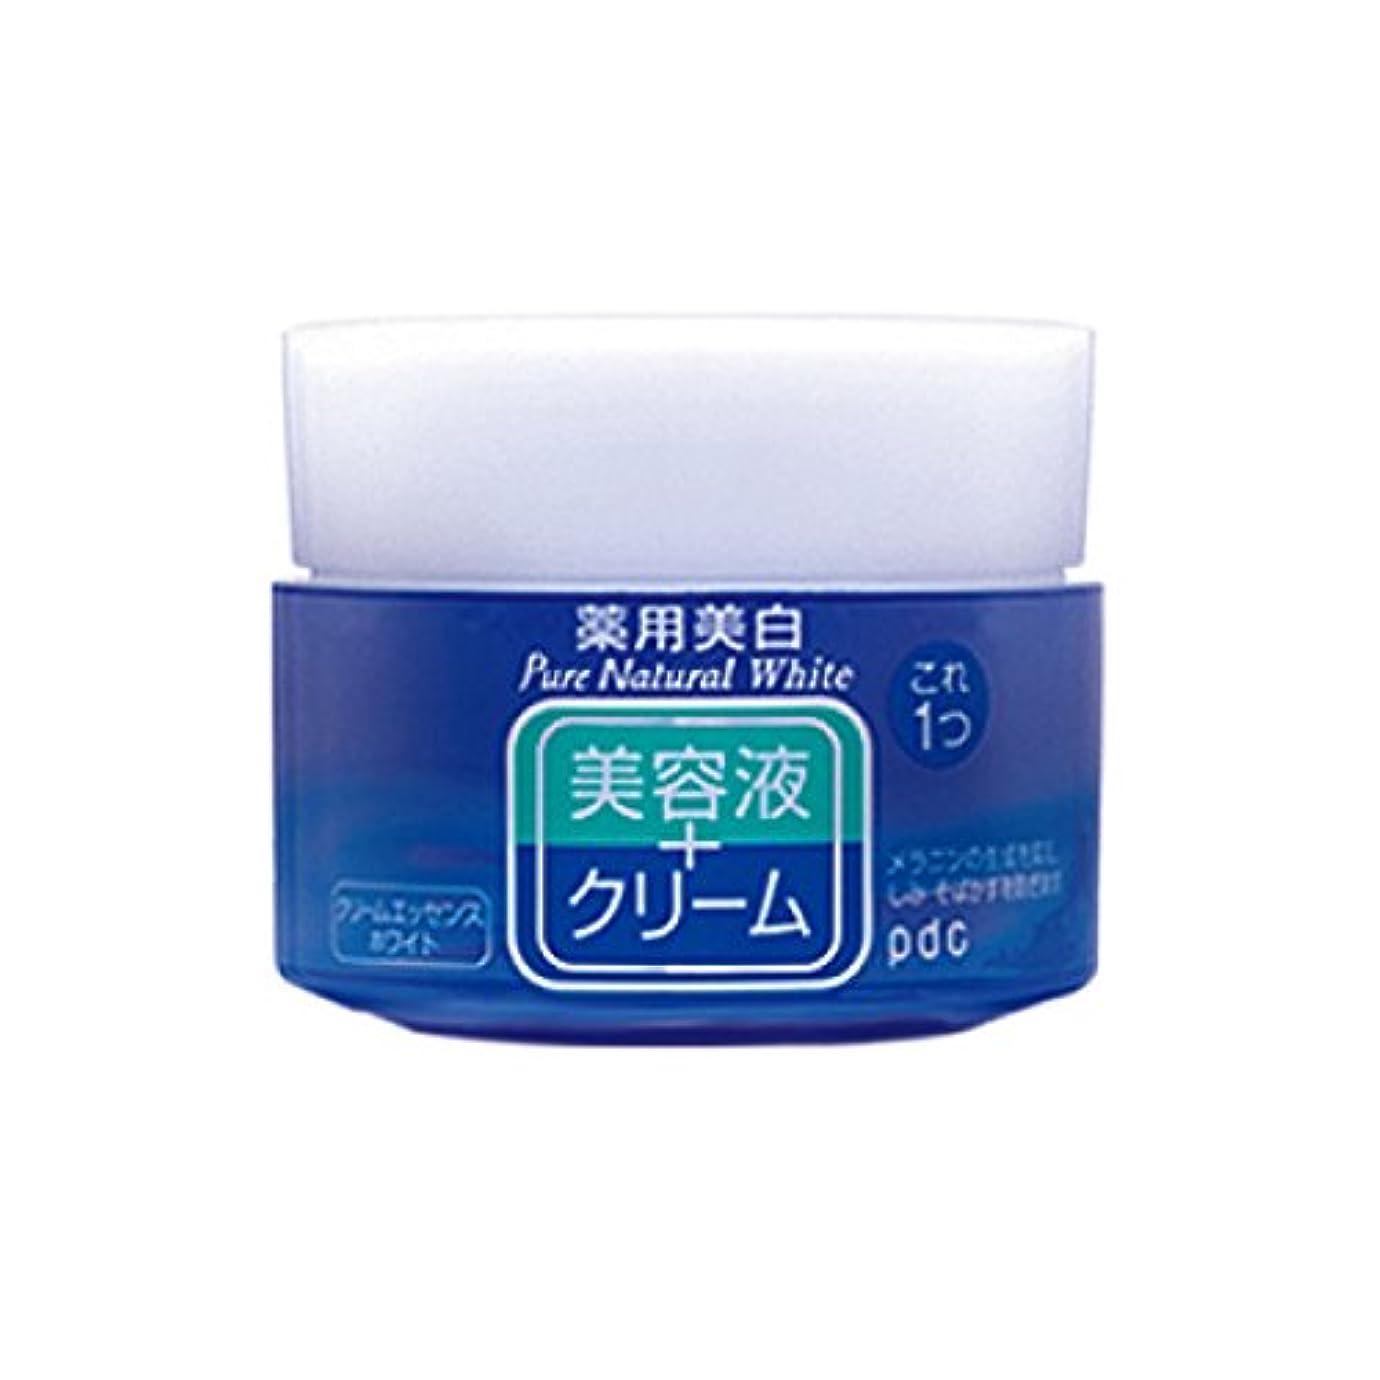 謝罪する喜劇虚栄心Pure NATURAL(ピュアナチュラル) クリームエッセンス ホワイト 100g (医薬部外品)